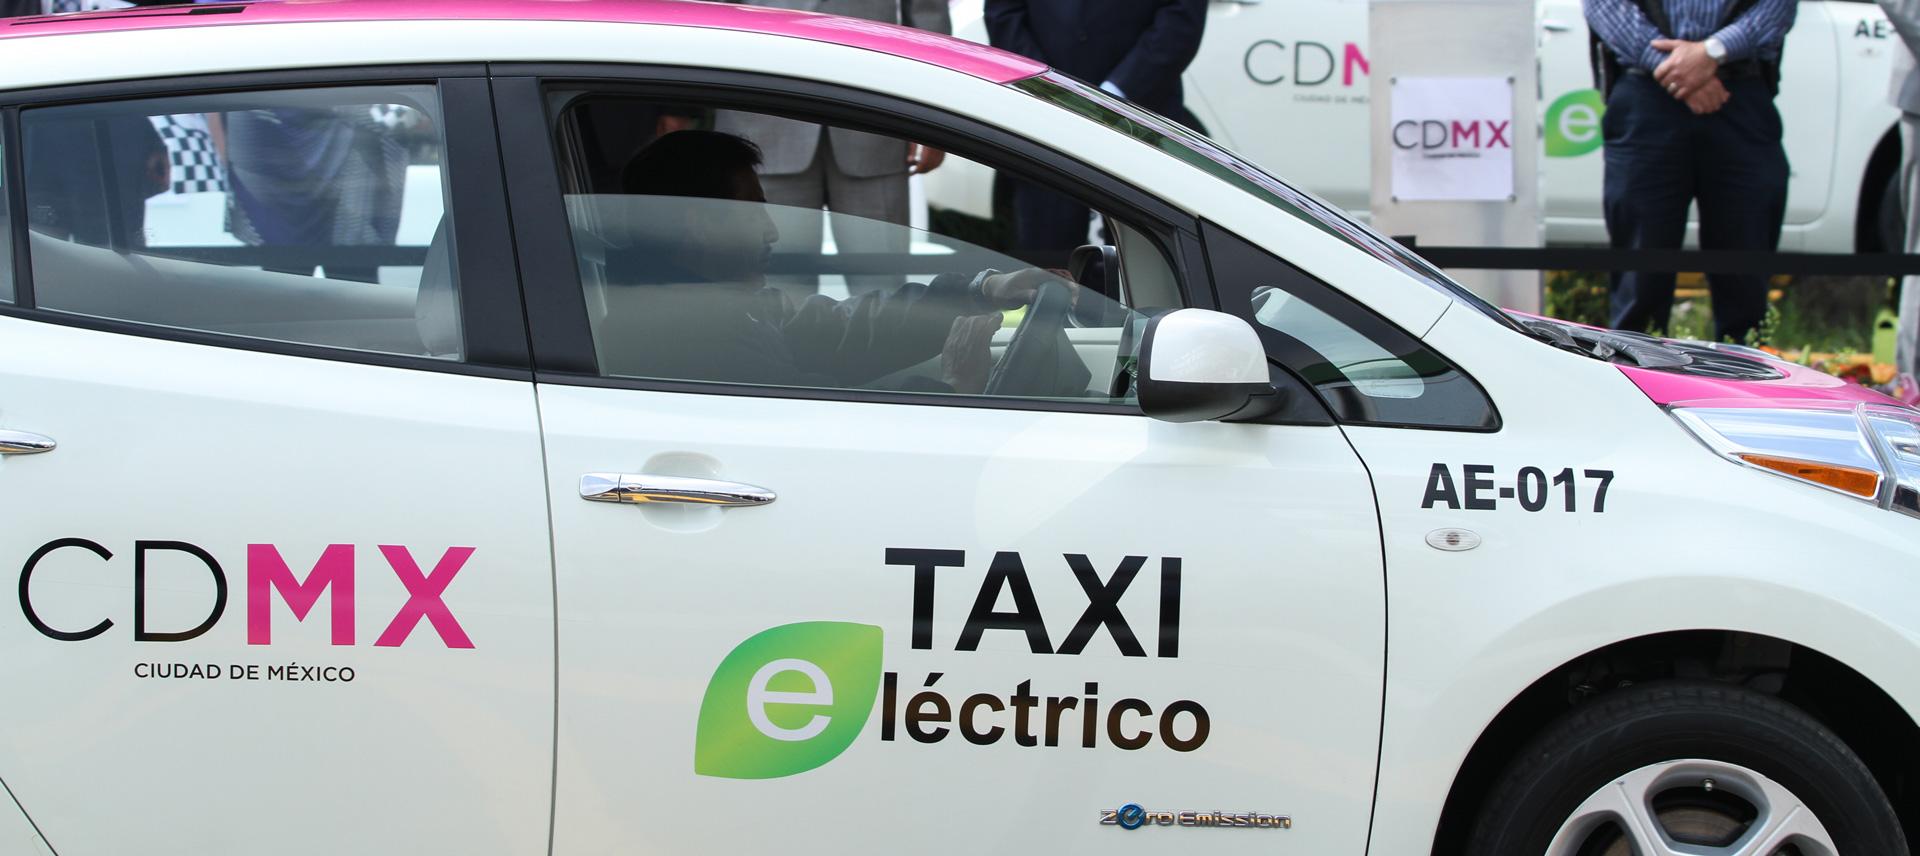 taxi_electrico-6